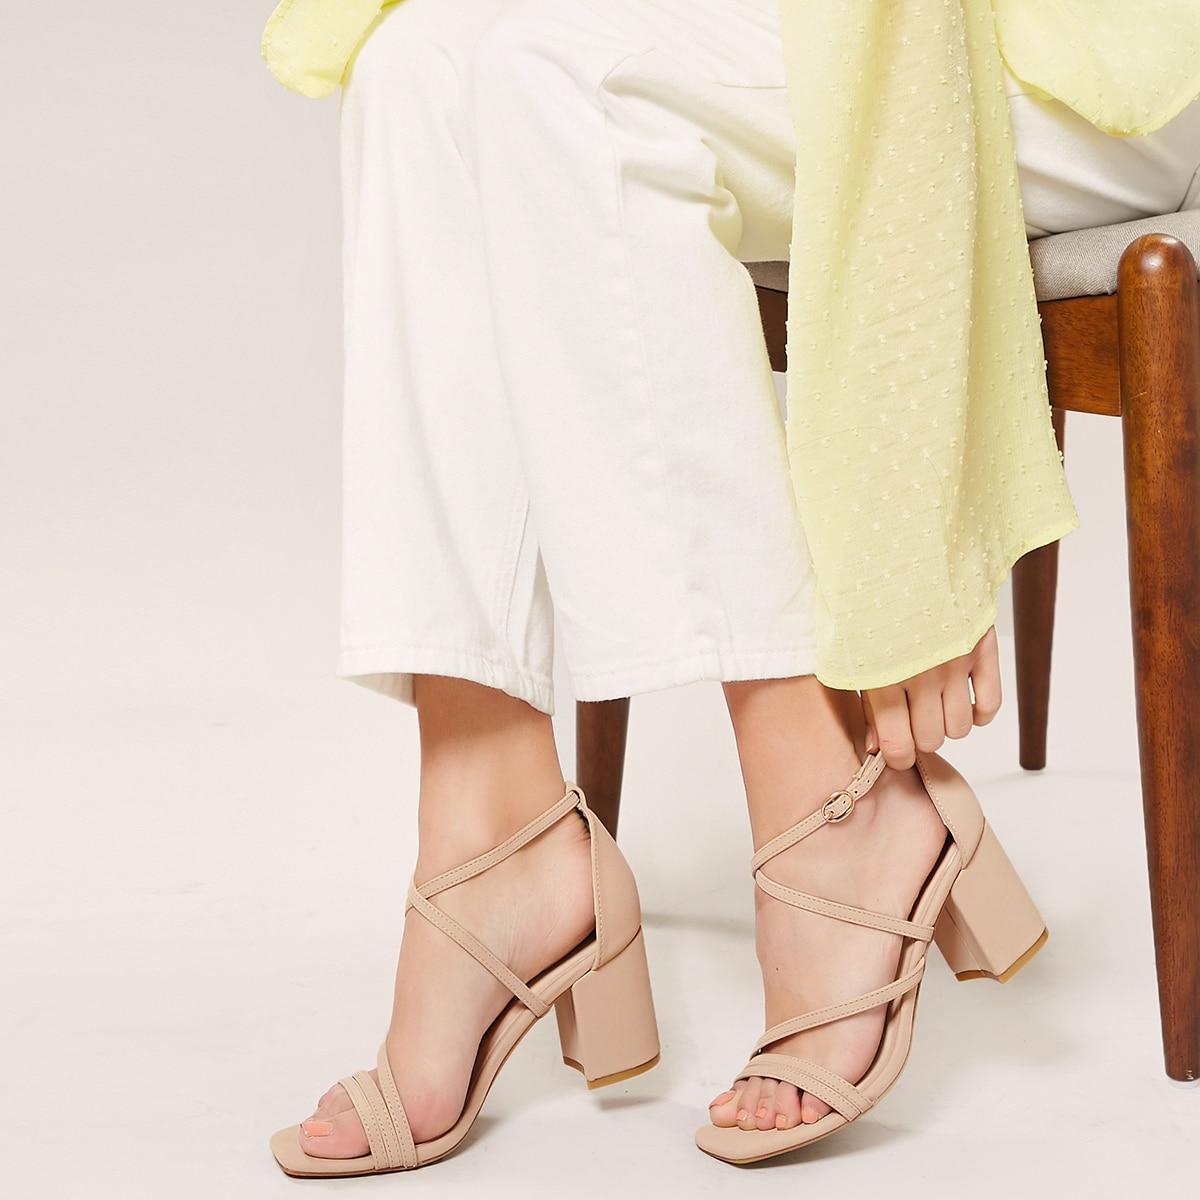 Сандалии на каблуках с квадратным открытым носком